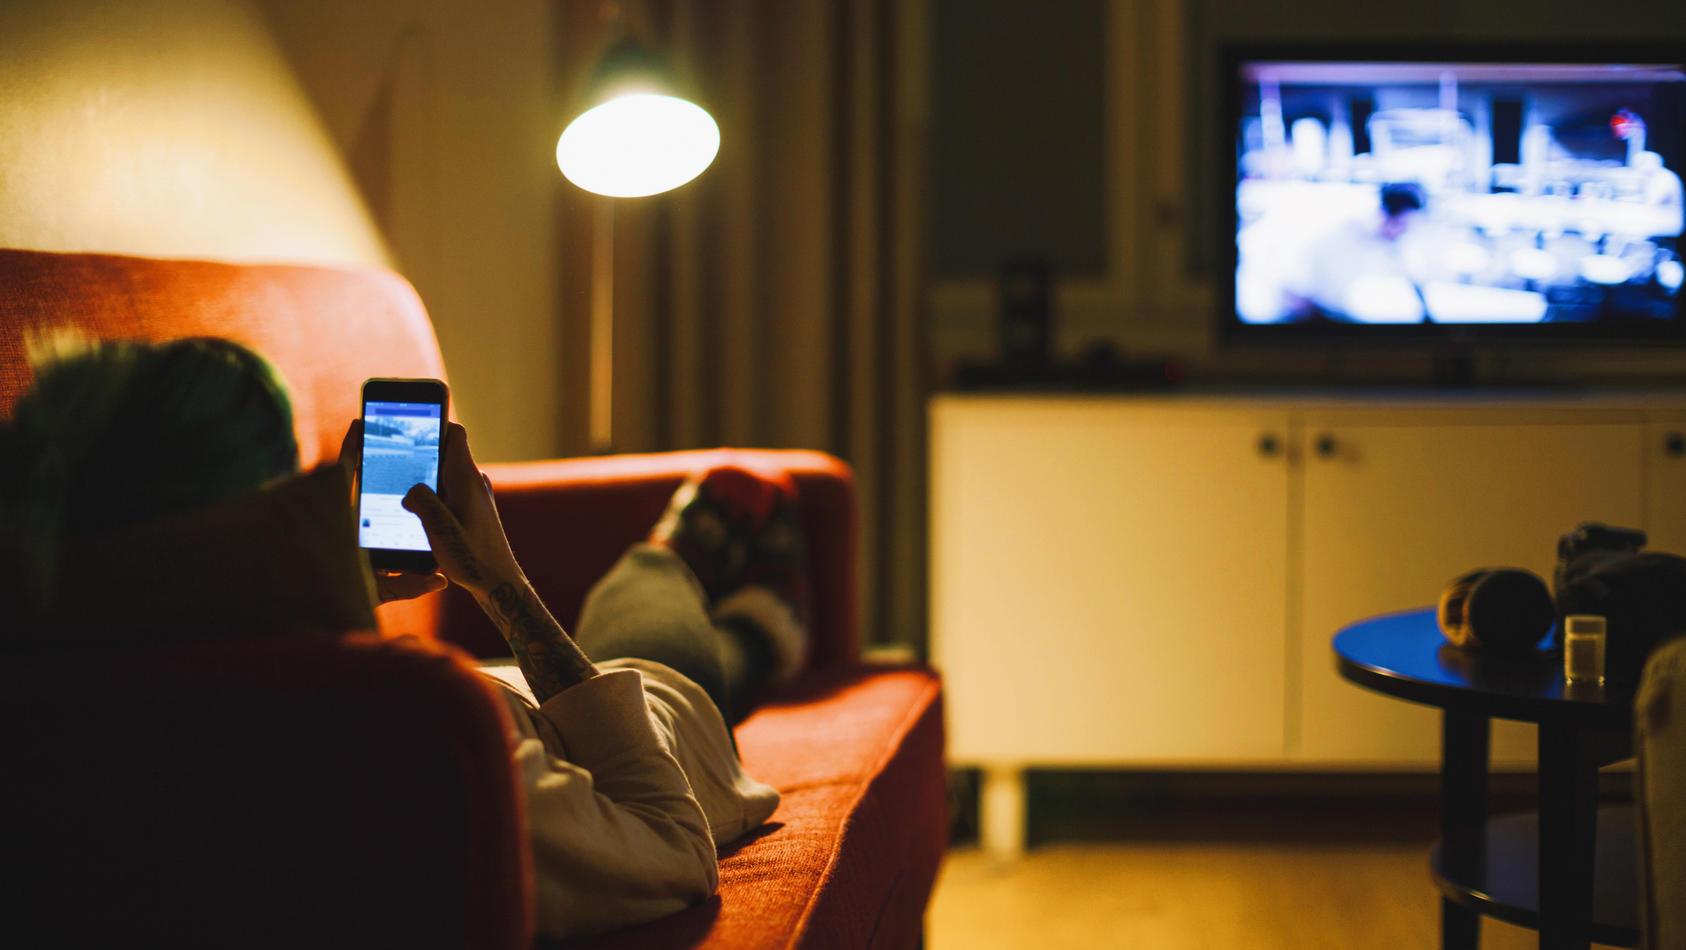 Gleichzeitig mit dem Handy und Fernsehen beschäftigen ist schlecht für's Gehirn - das behaupten zumindest Forscher.